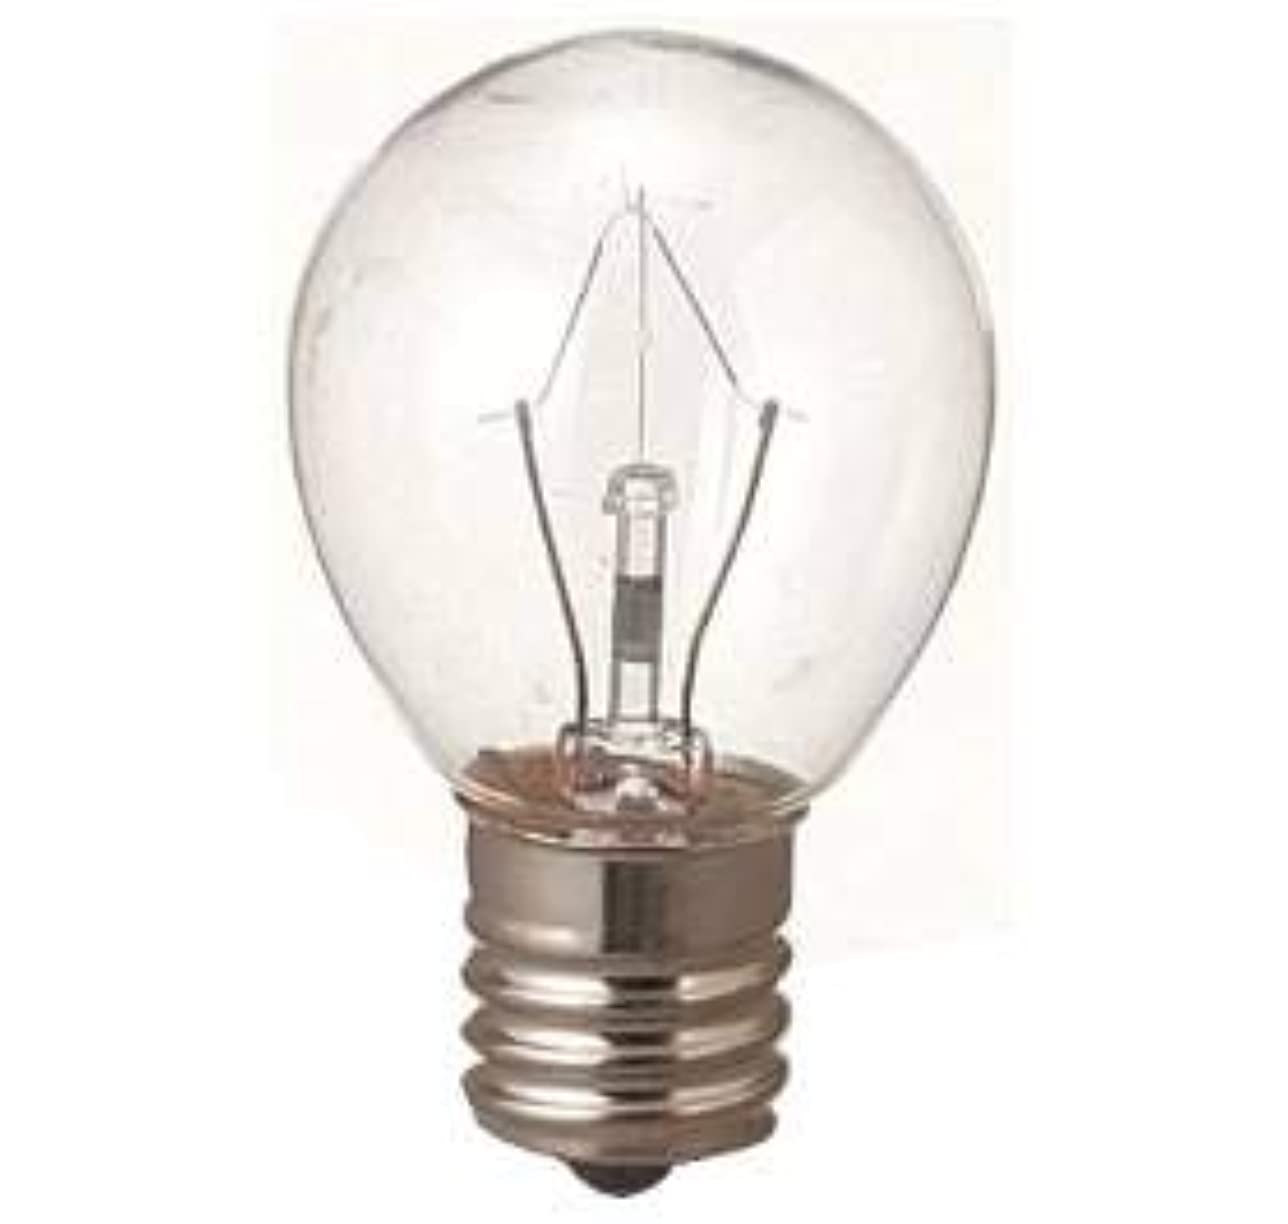 いちゃつくマークされた領域生活の木 アロマランプM用 電球15W(サイズ:φ23×H50mm)